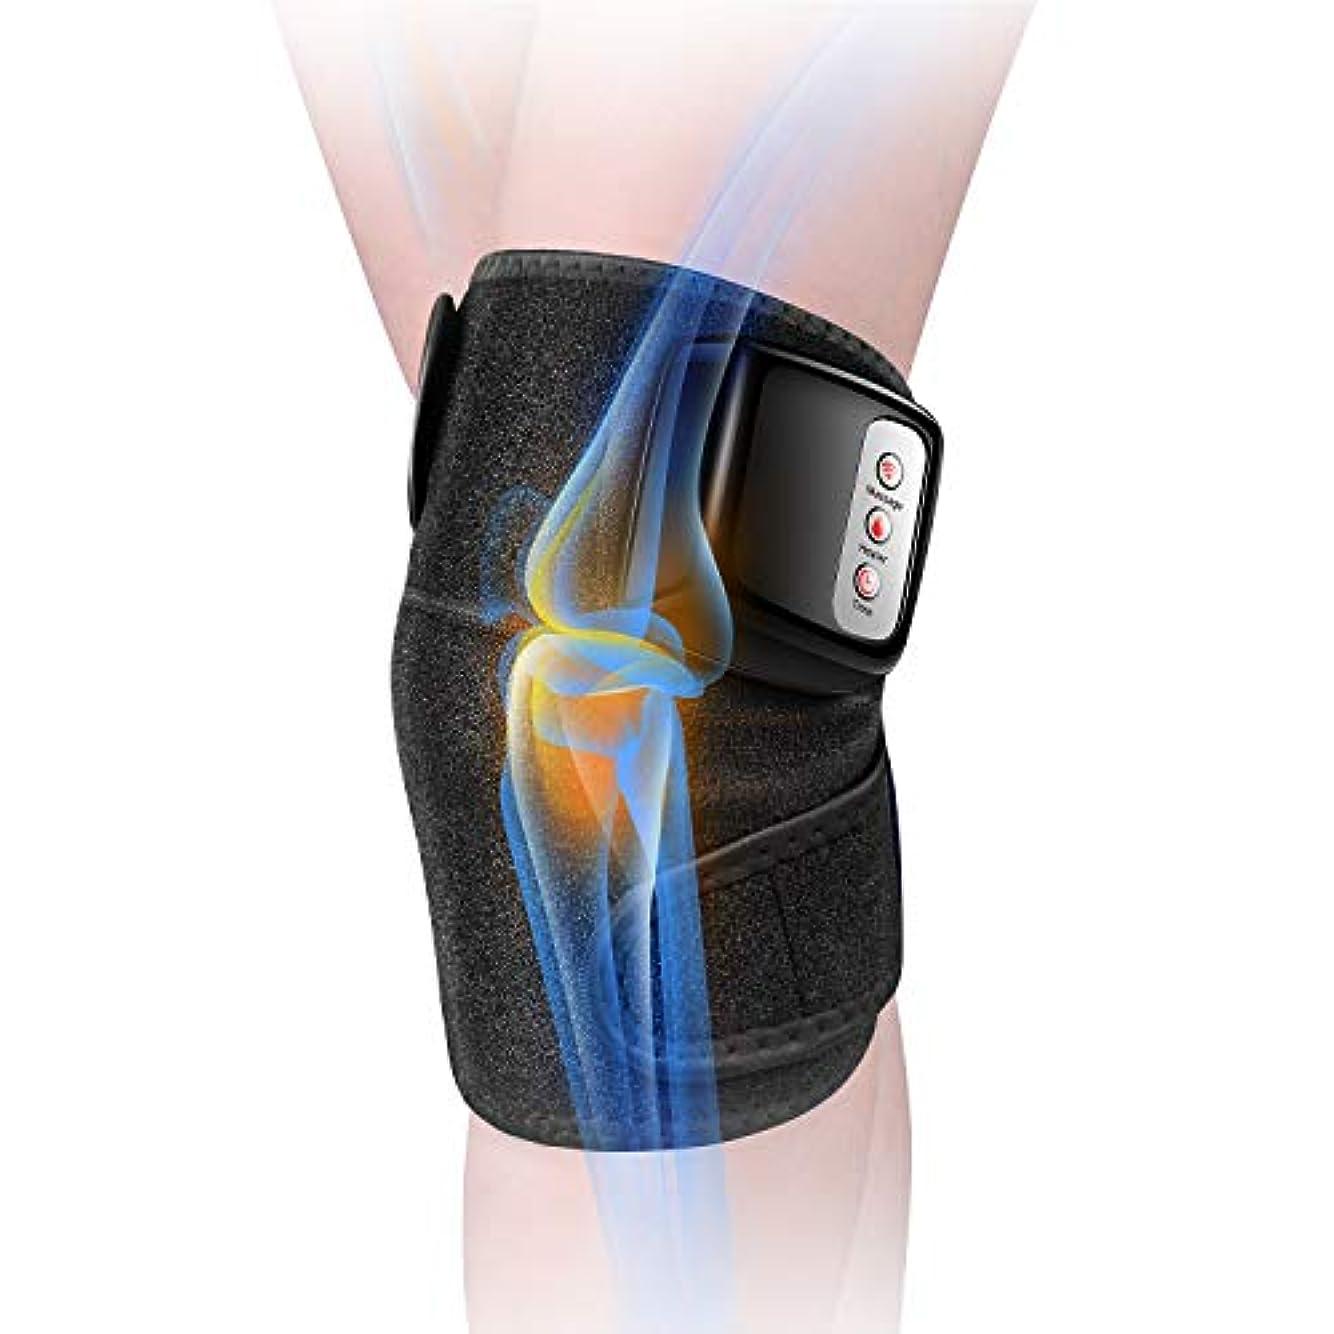 代理人華氏温度膝マッサージャー 関節マッサージャー マッサージ器 フットマッサージャー 振動 赤外線療法 温熱療法 膝サポーター ストレス解消 肩 太もも/腕対応